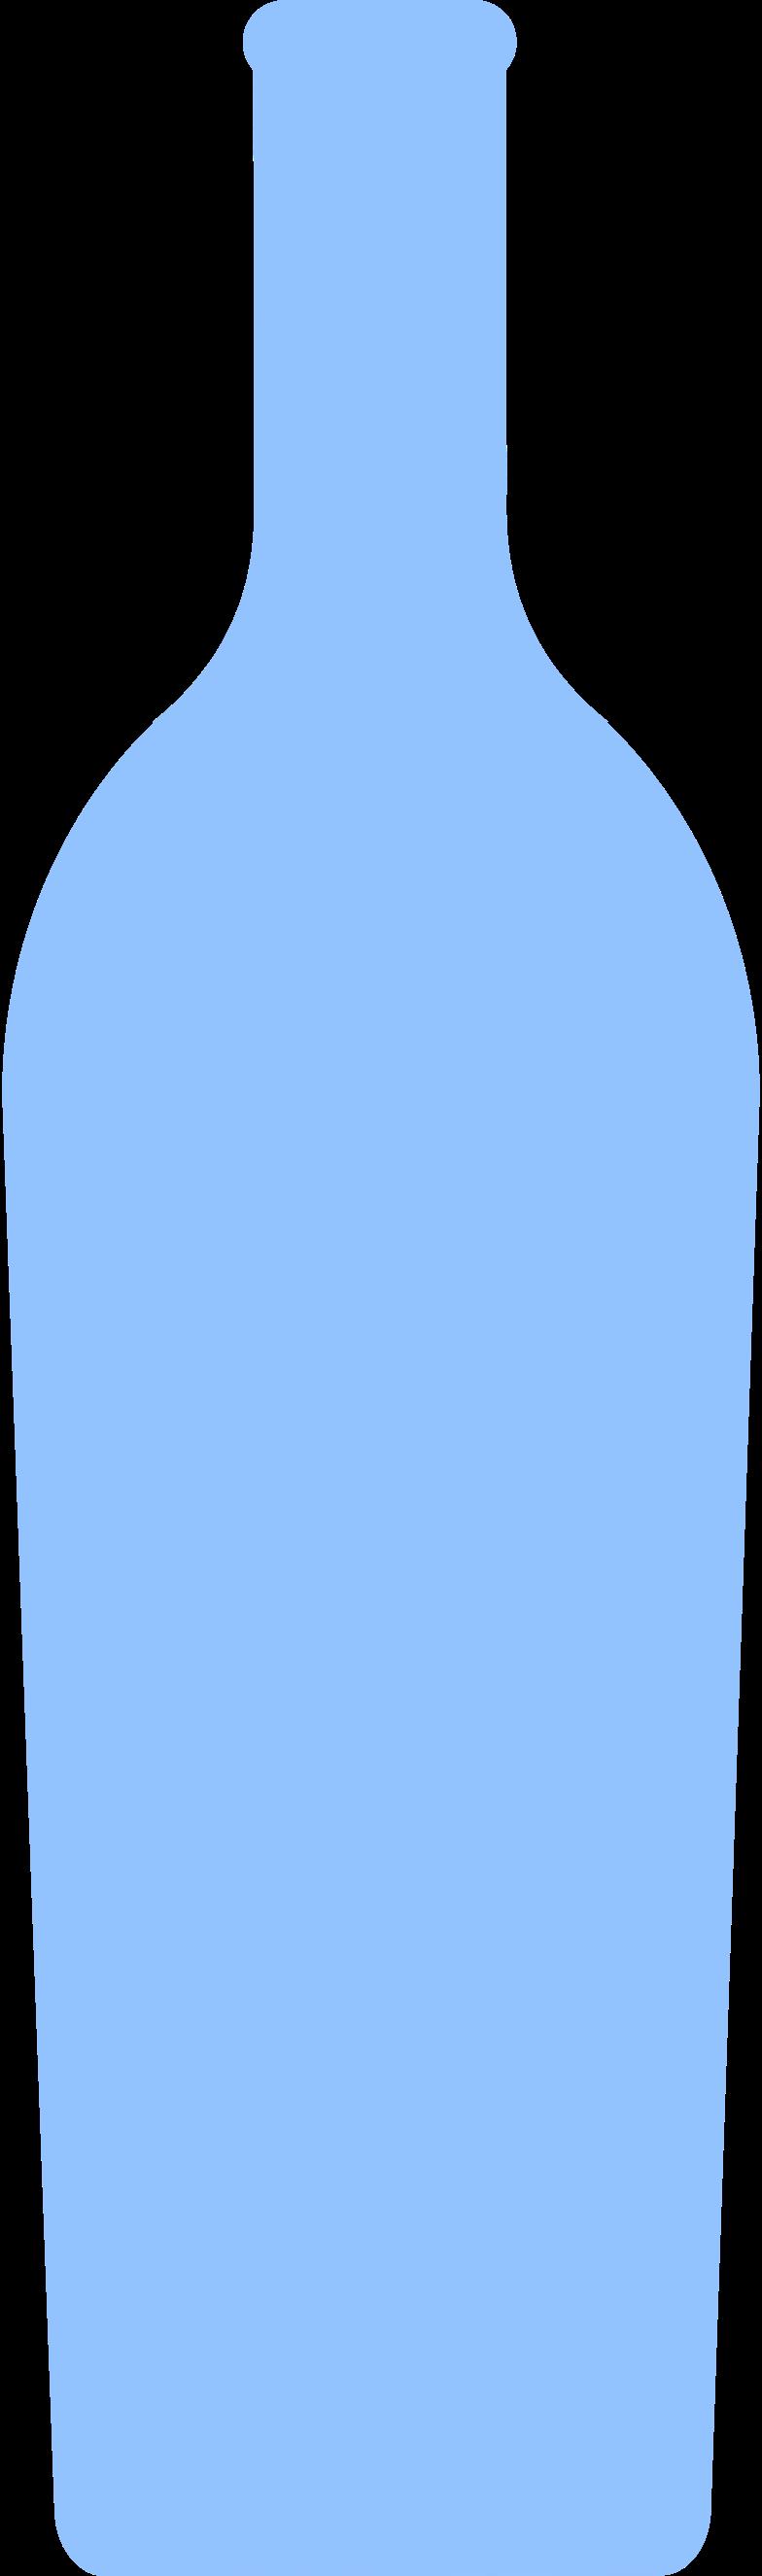 bottle Clipart illustration in PNG, SVG